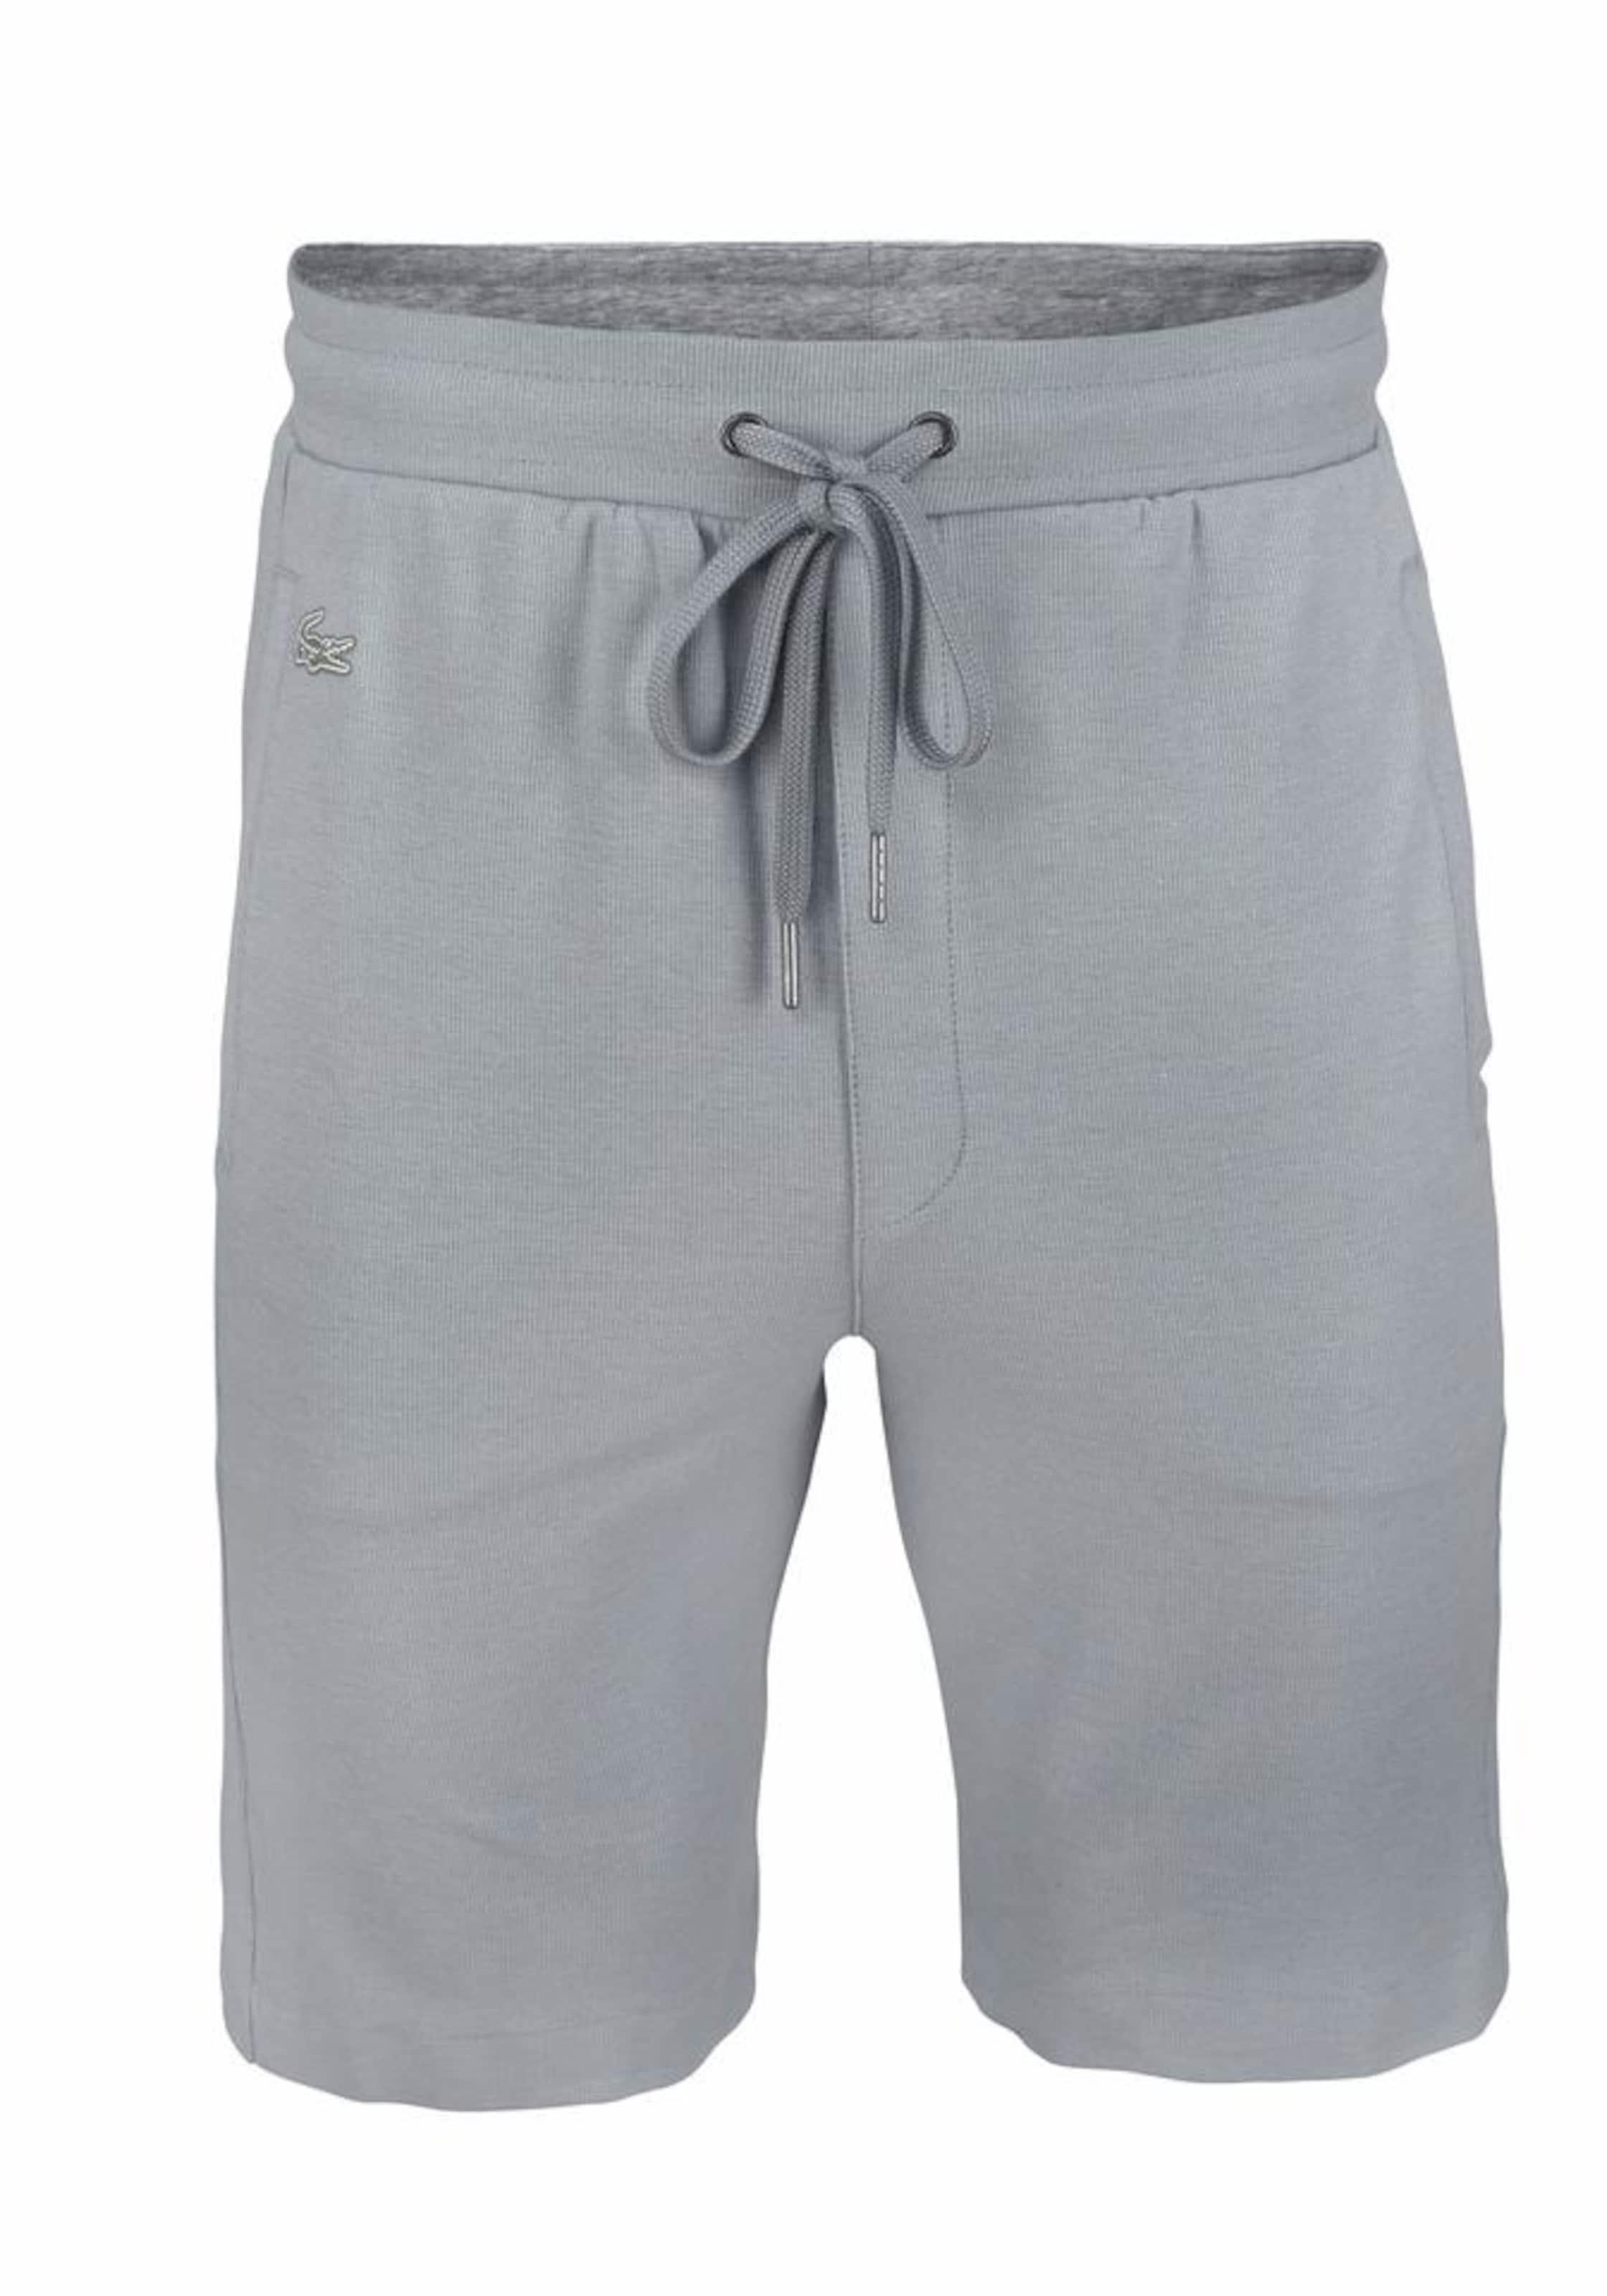 LACOSTE Shorts mit Taschen Mit Visum Günstig Online Bezahlen x8doSl